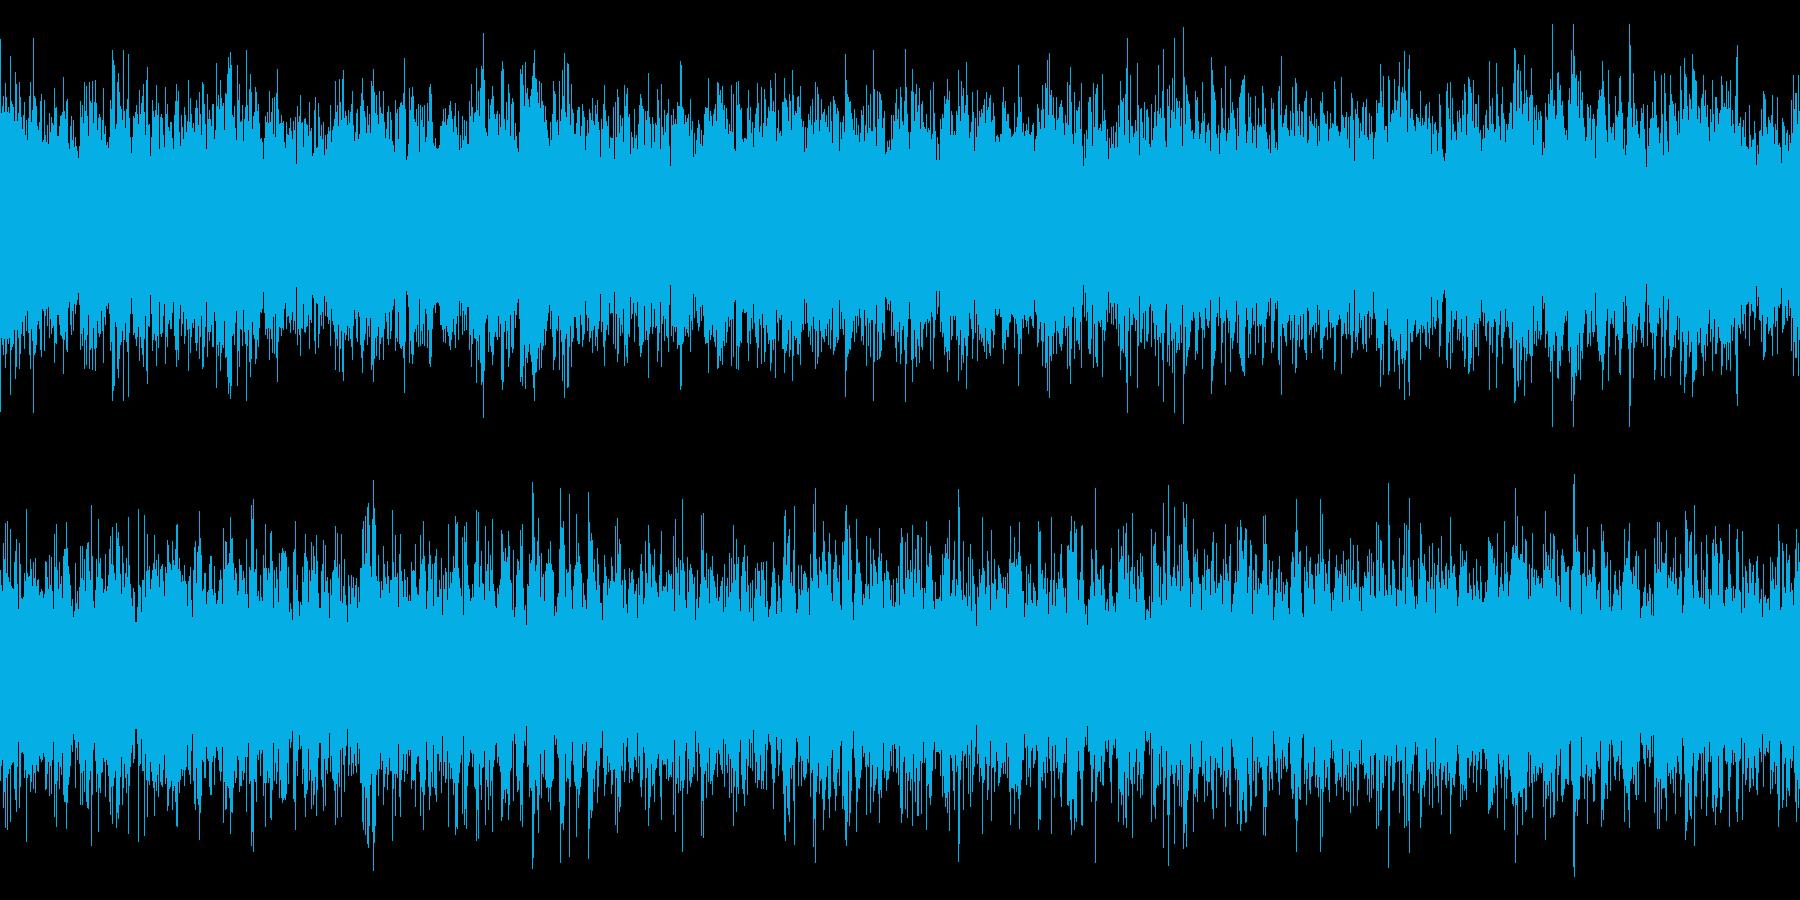 ループ仕様・ニュースや科学番組用 3の再生済みの波形